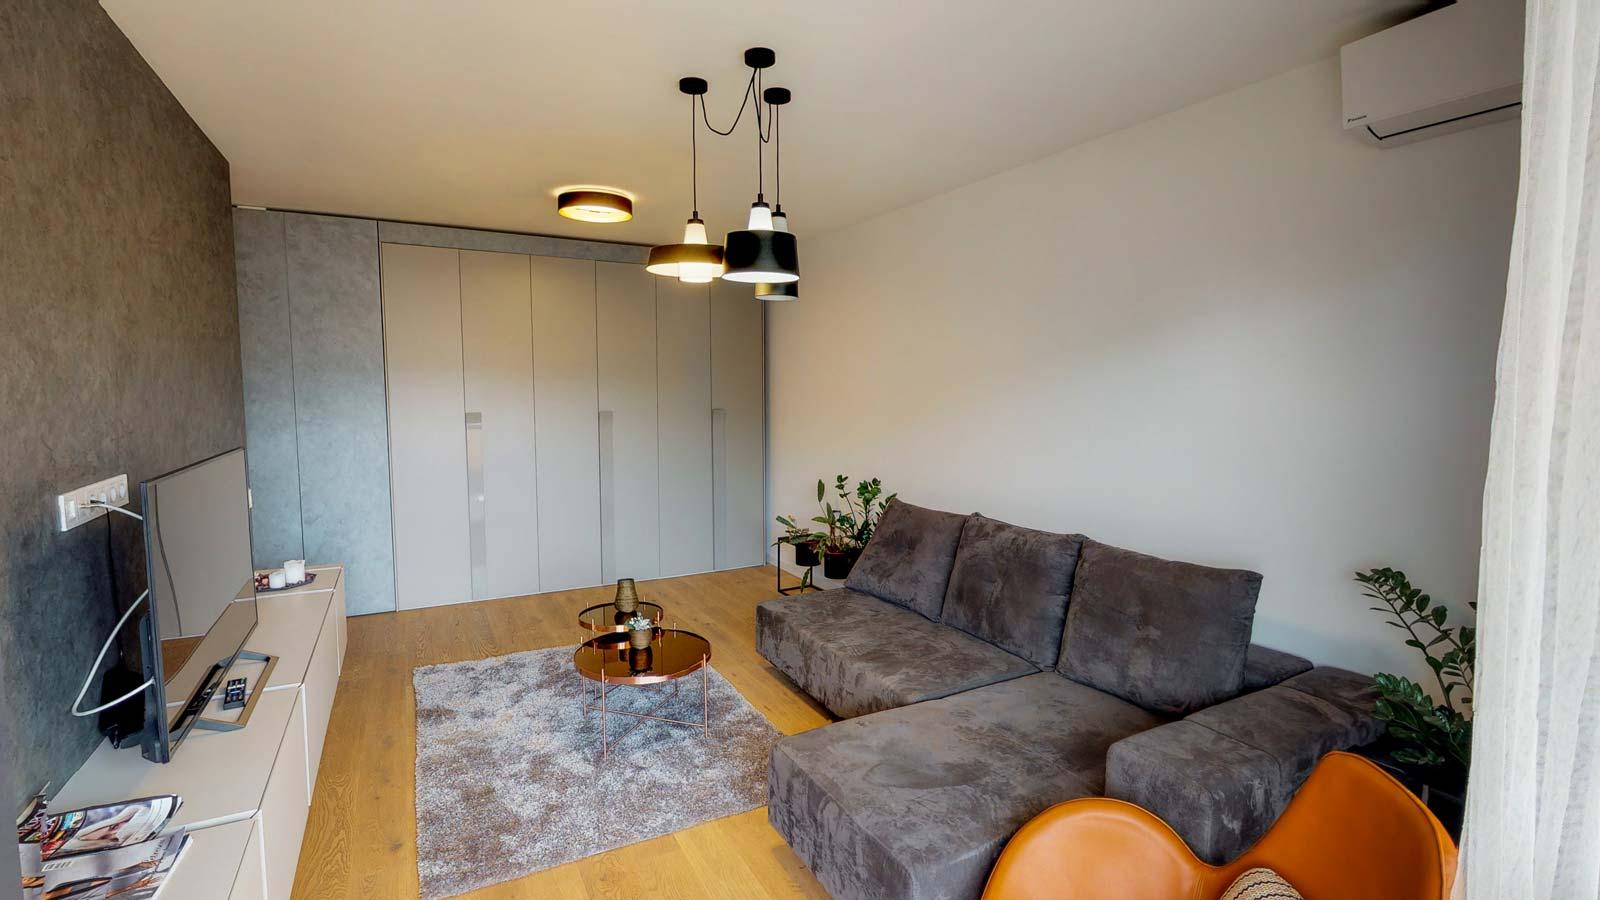 Imagine din sufragerie în care se observă un dulap, o canapea, un mobilier aşezat în faţa canapelei pe care se află un televizor